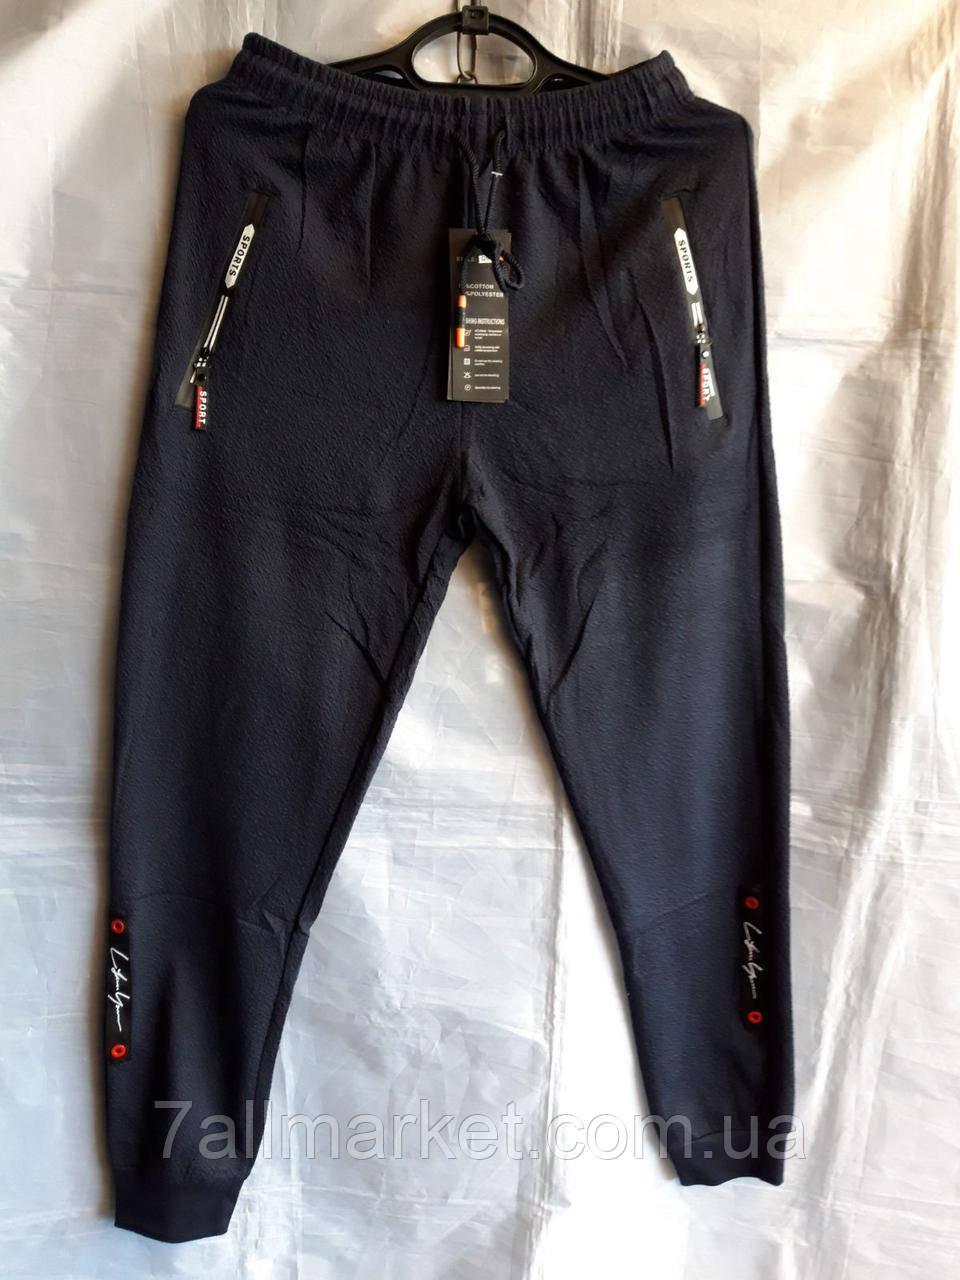 """Спортивные штаны  юниор SPORTS(3цв.) размеры M-3XL""""WELL"""" недорого от прямого поставщика"""